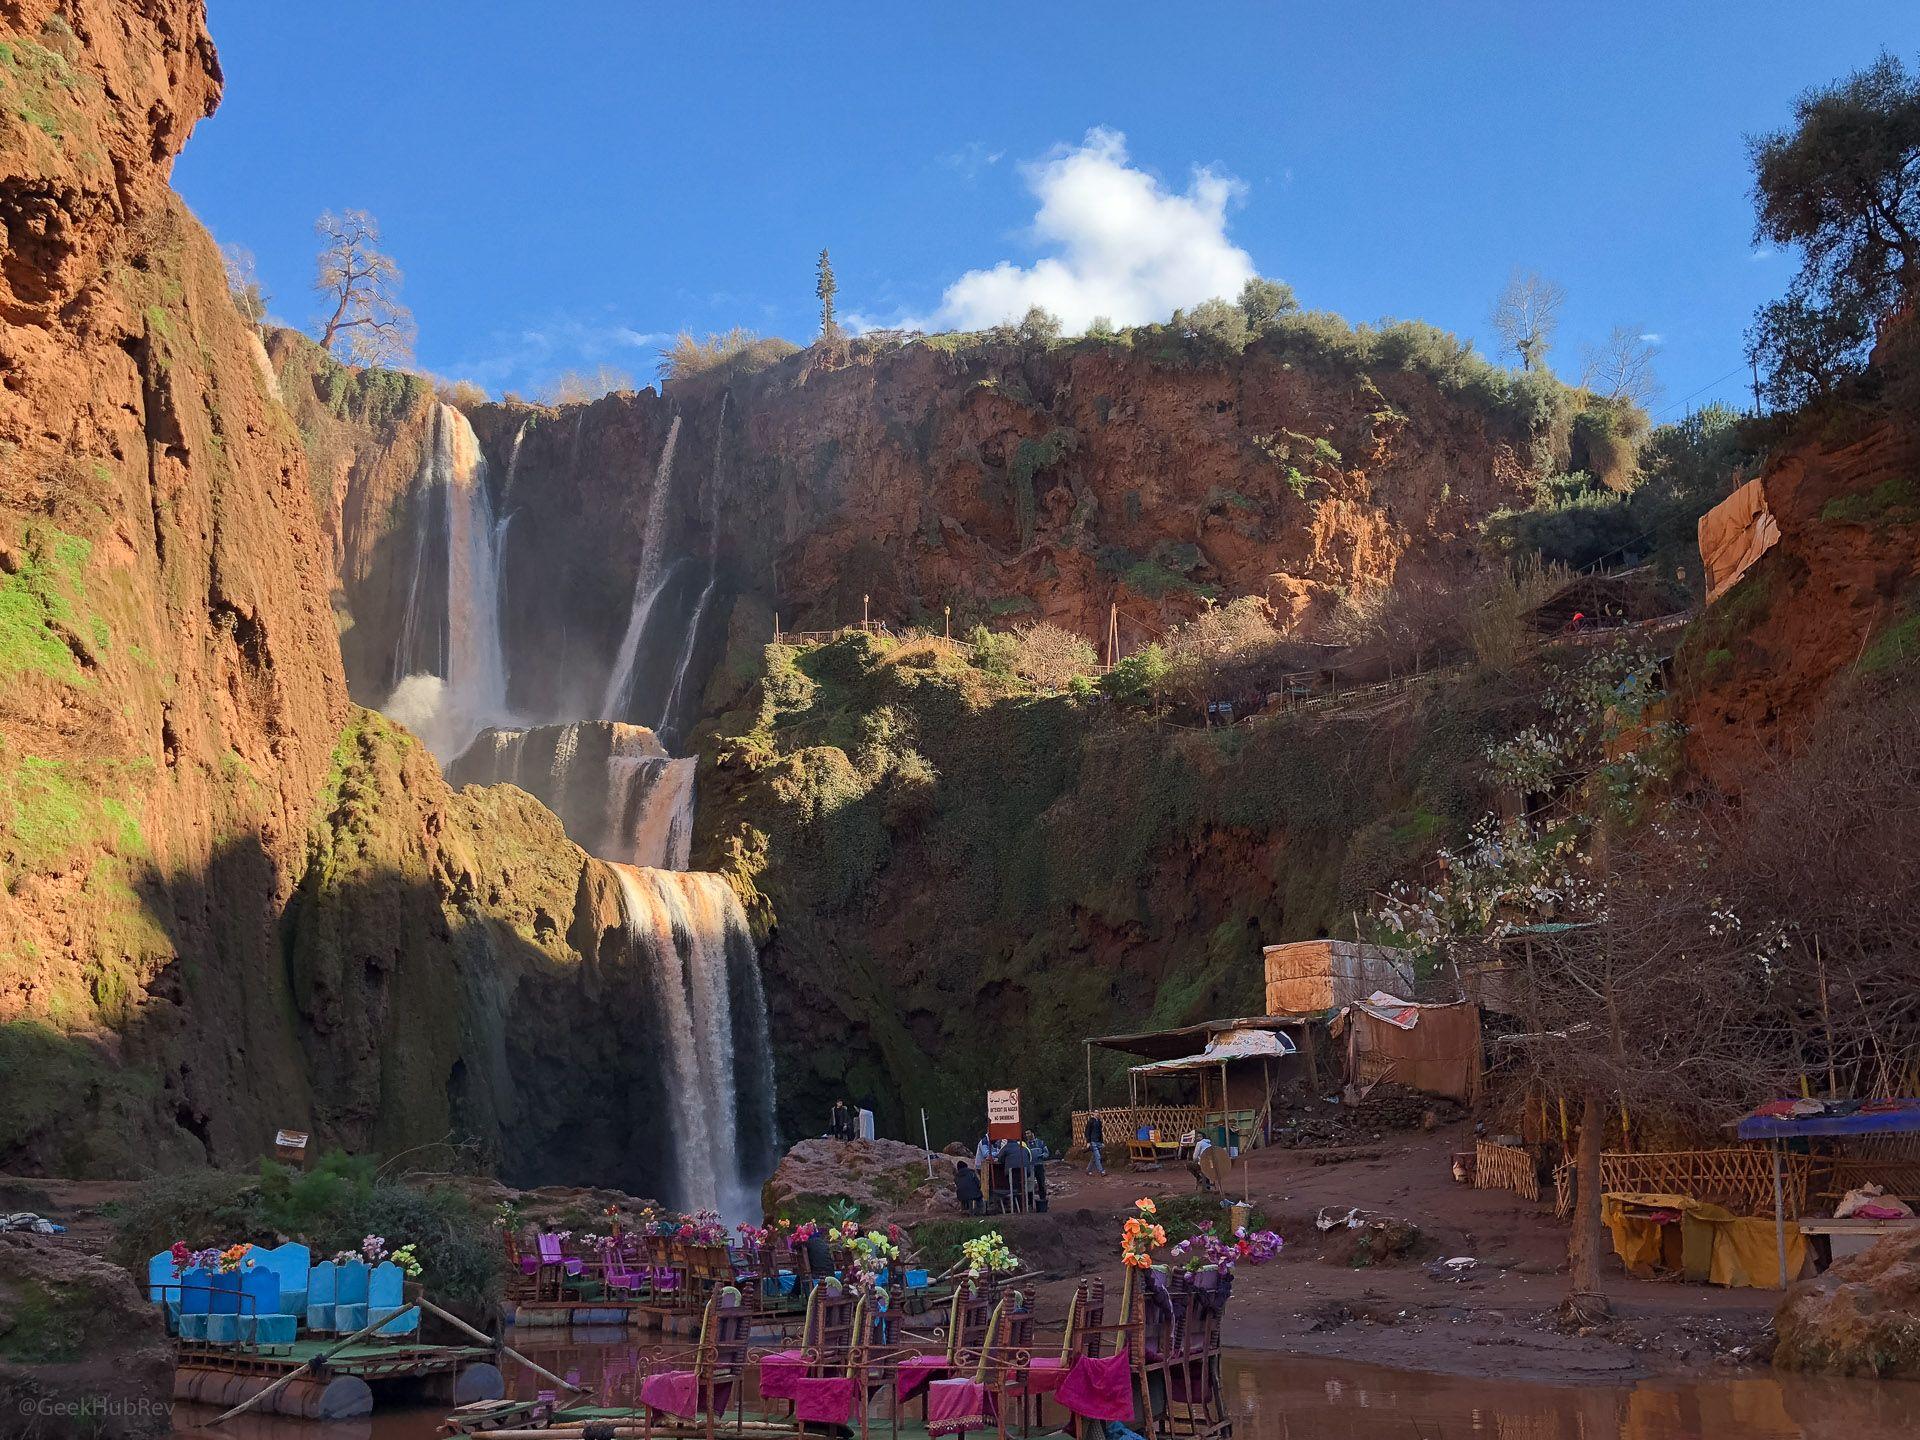 Wodospad w Ouzoud (Maroko)